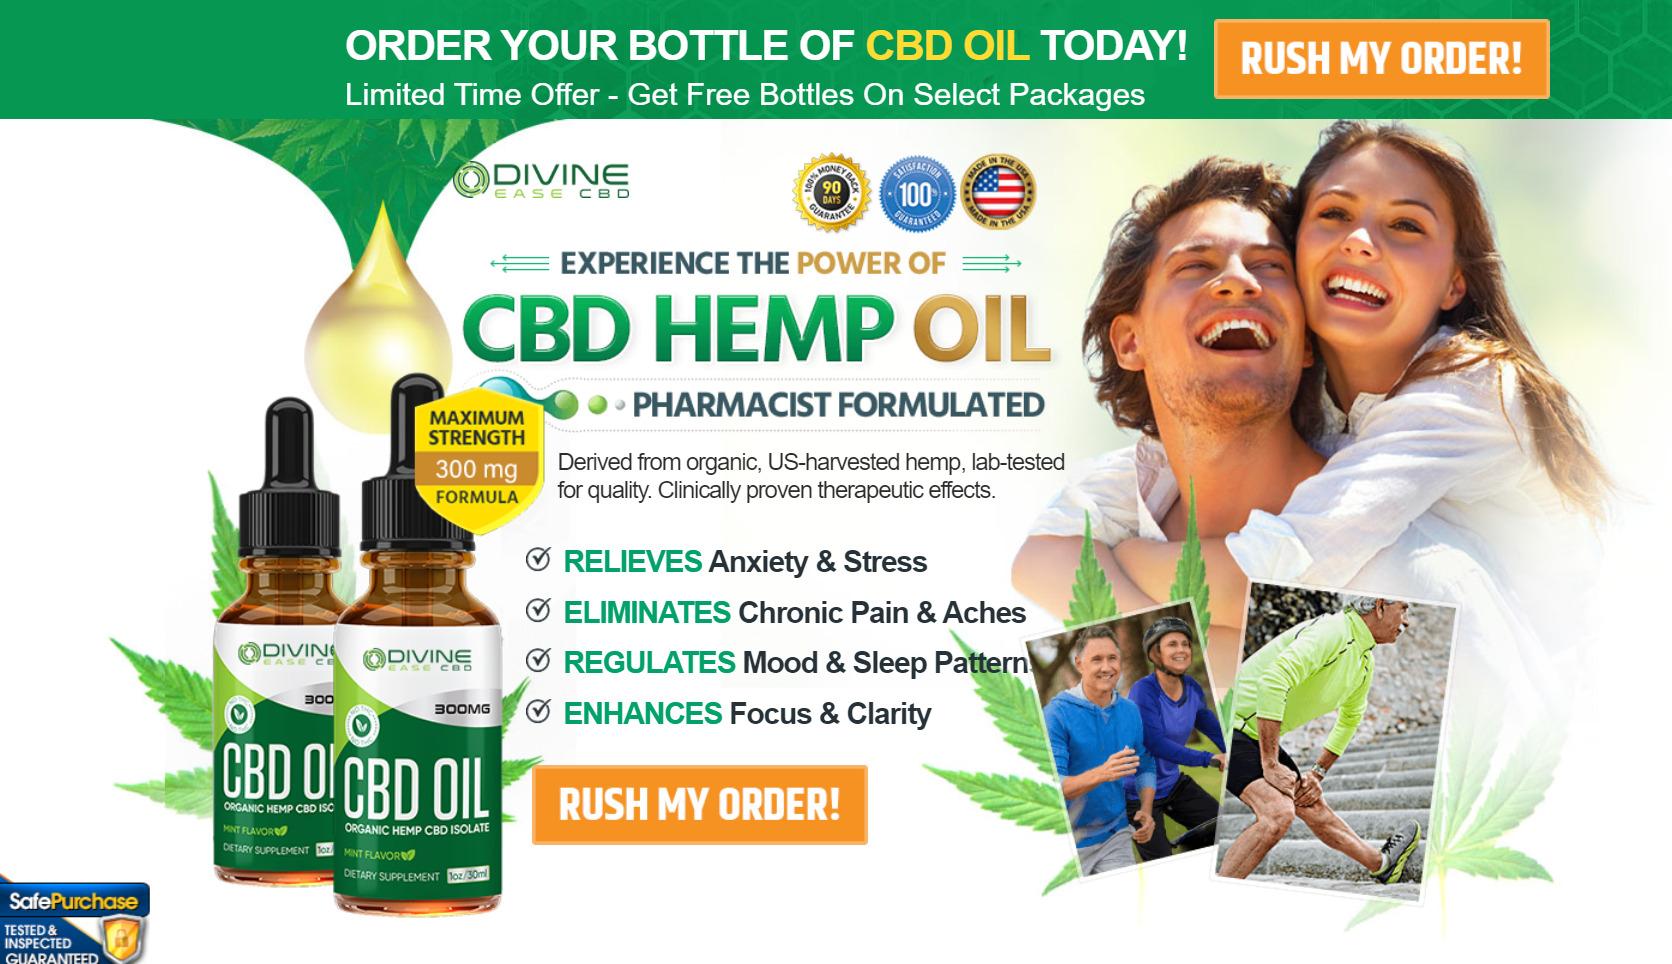 divine cbd oil au